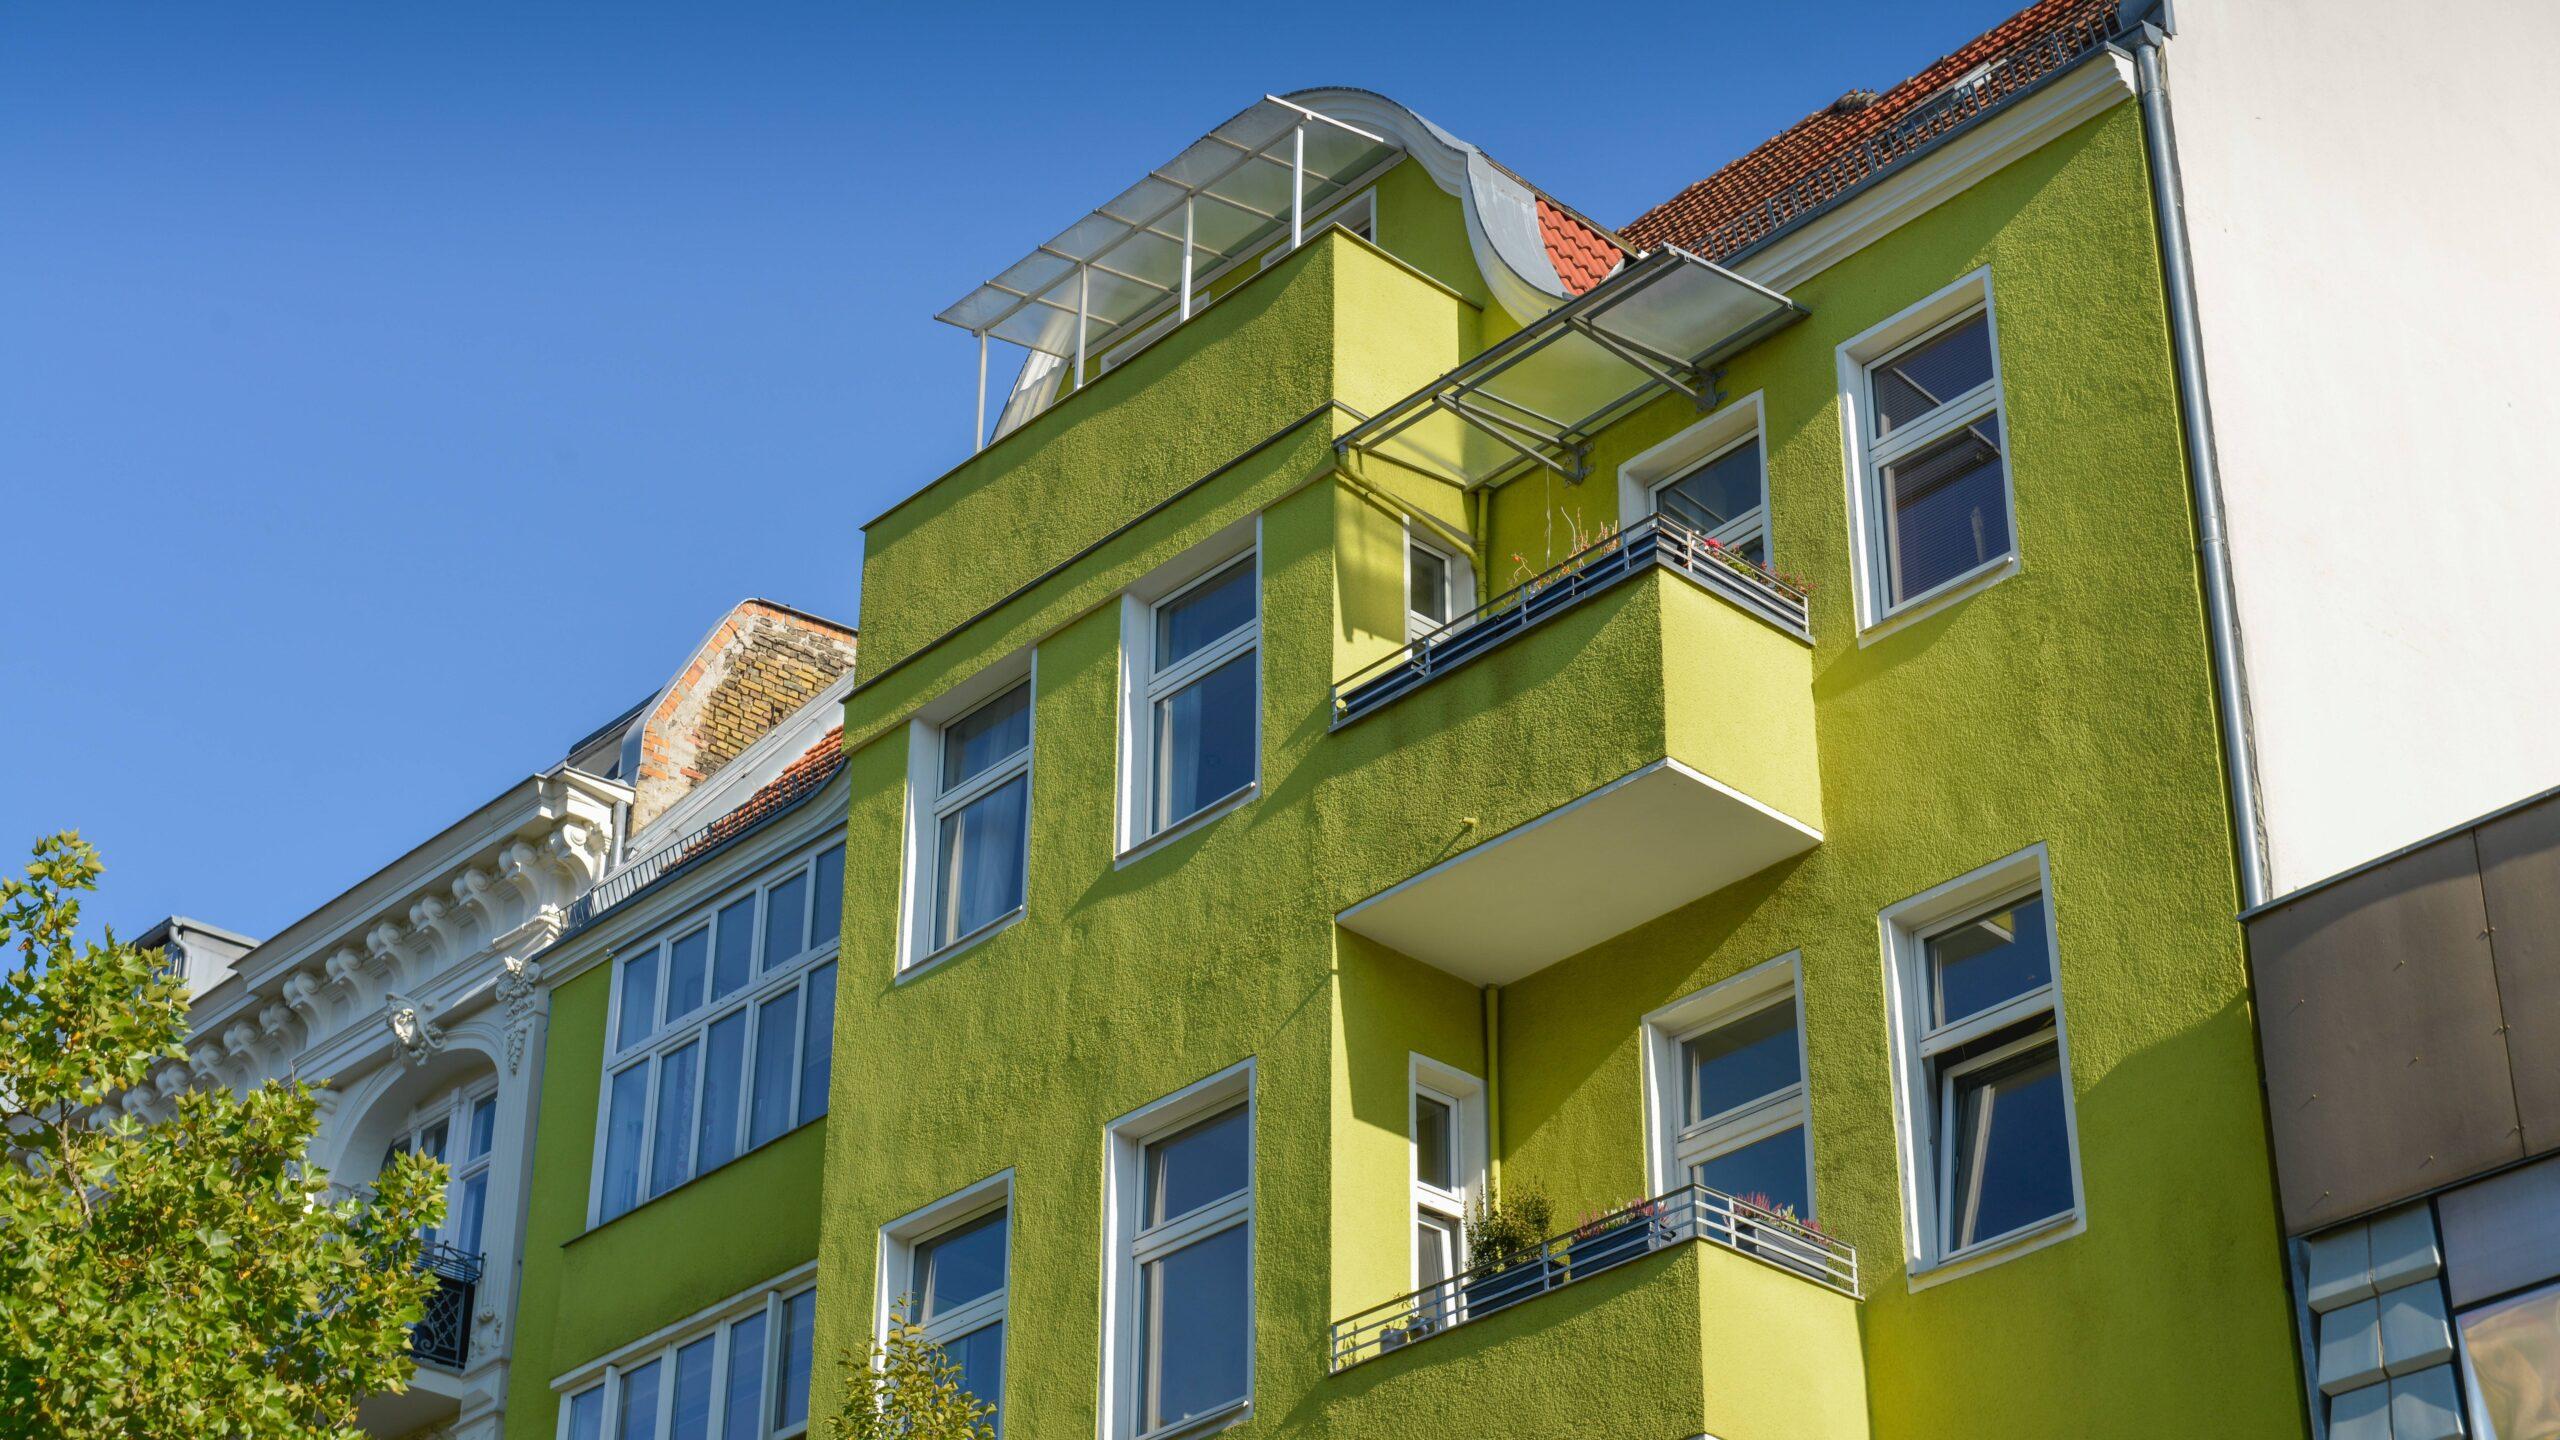 Milieuschutzgebiete in Steglitz-Zehlendorf rücken näher